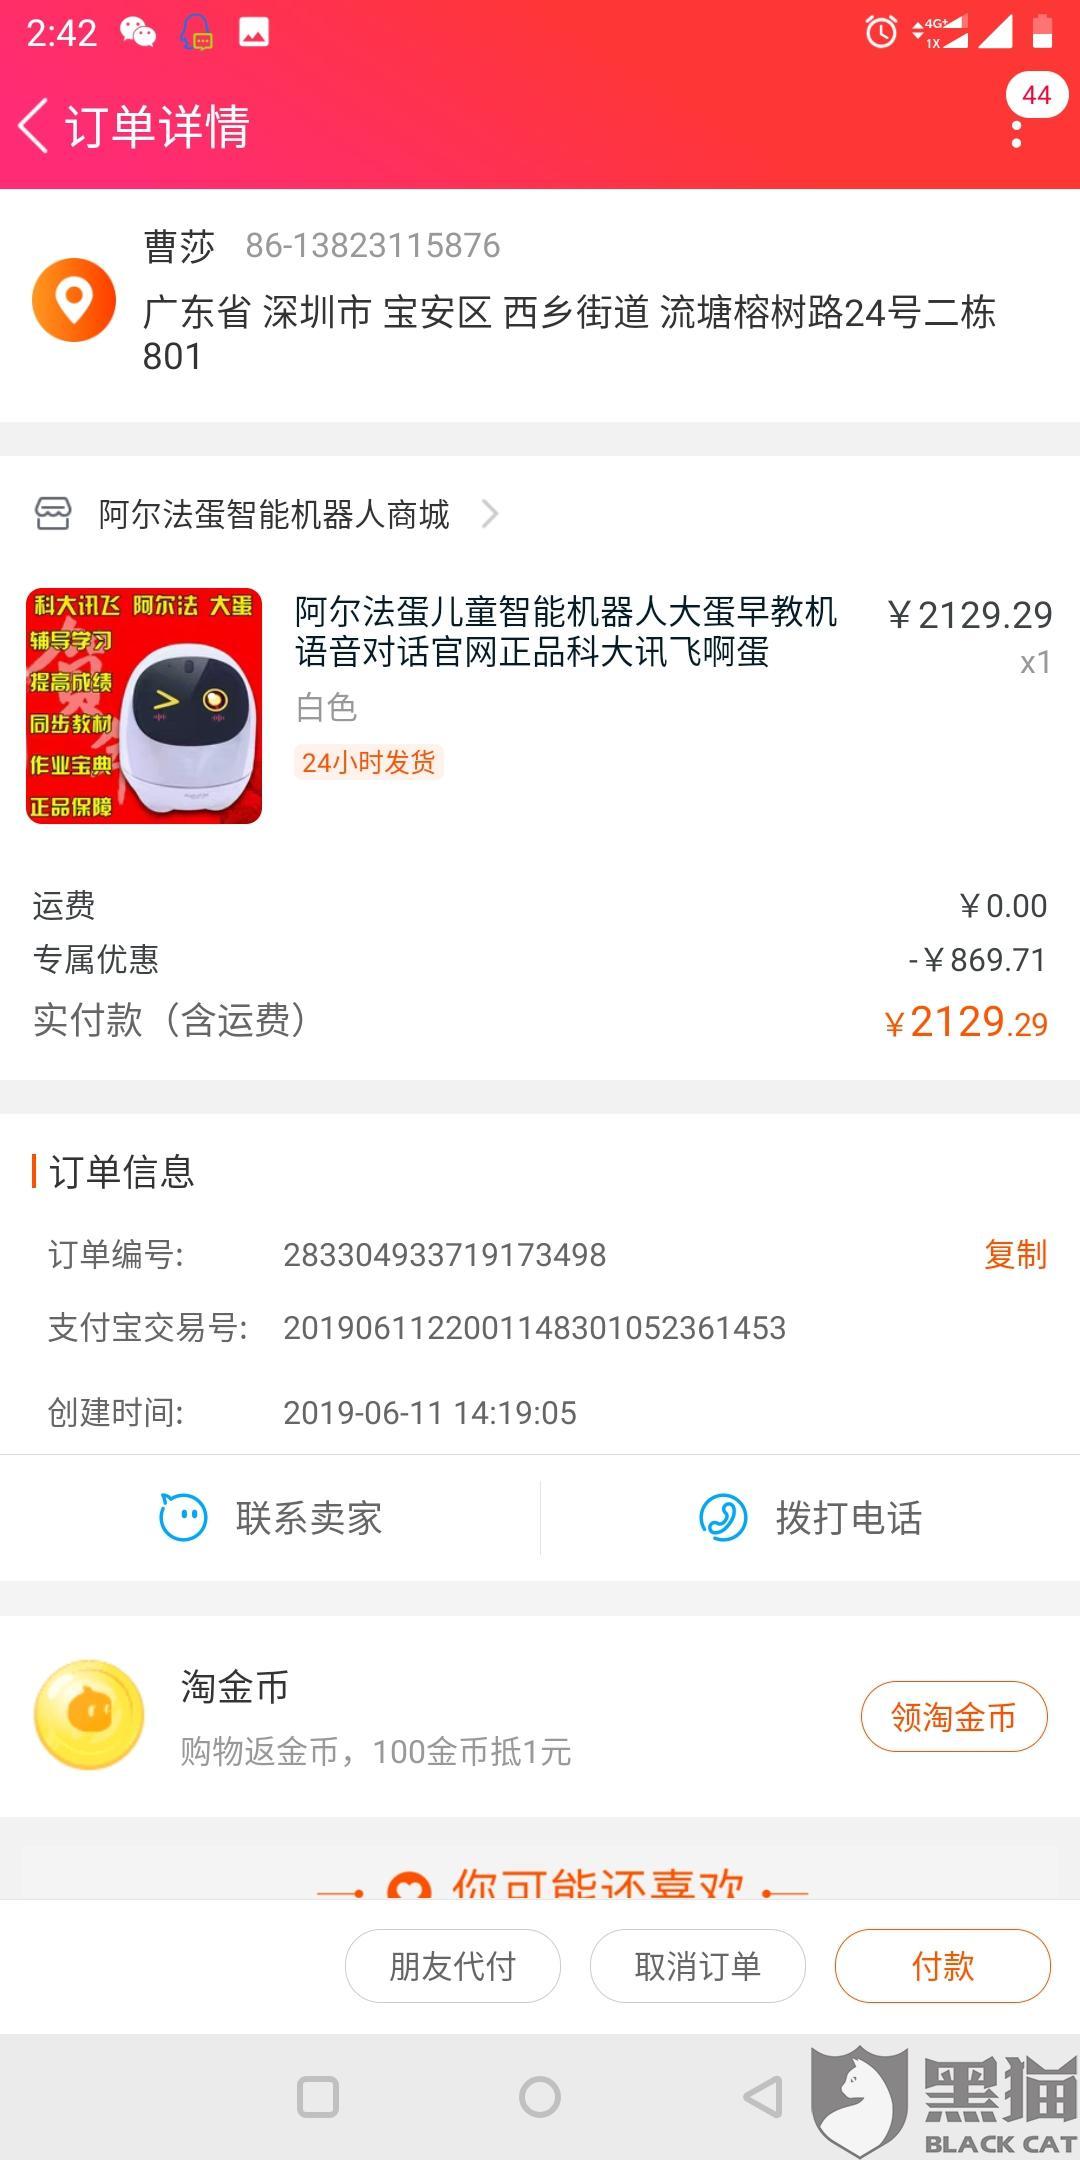 黑猫投诉:科大讯飞旗下天猫店铺出售假冒产品